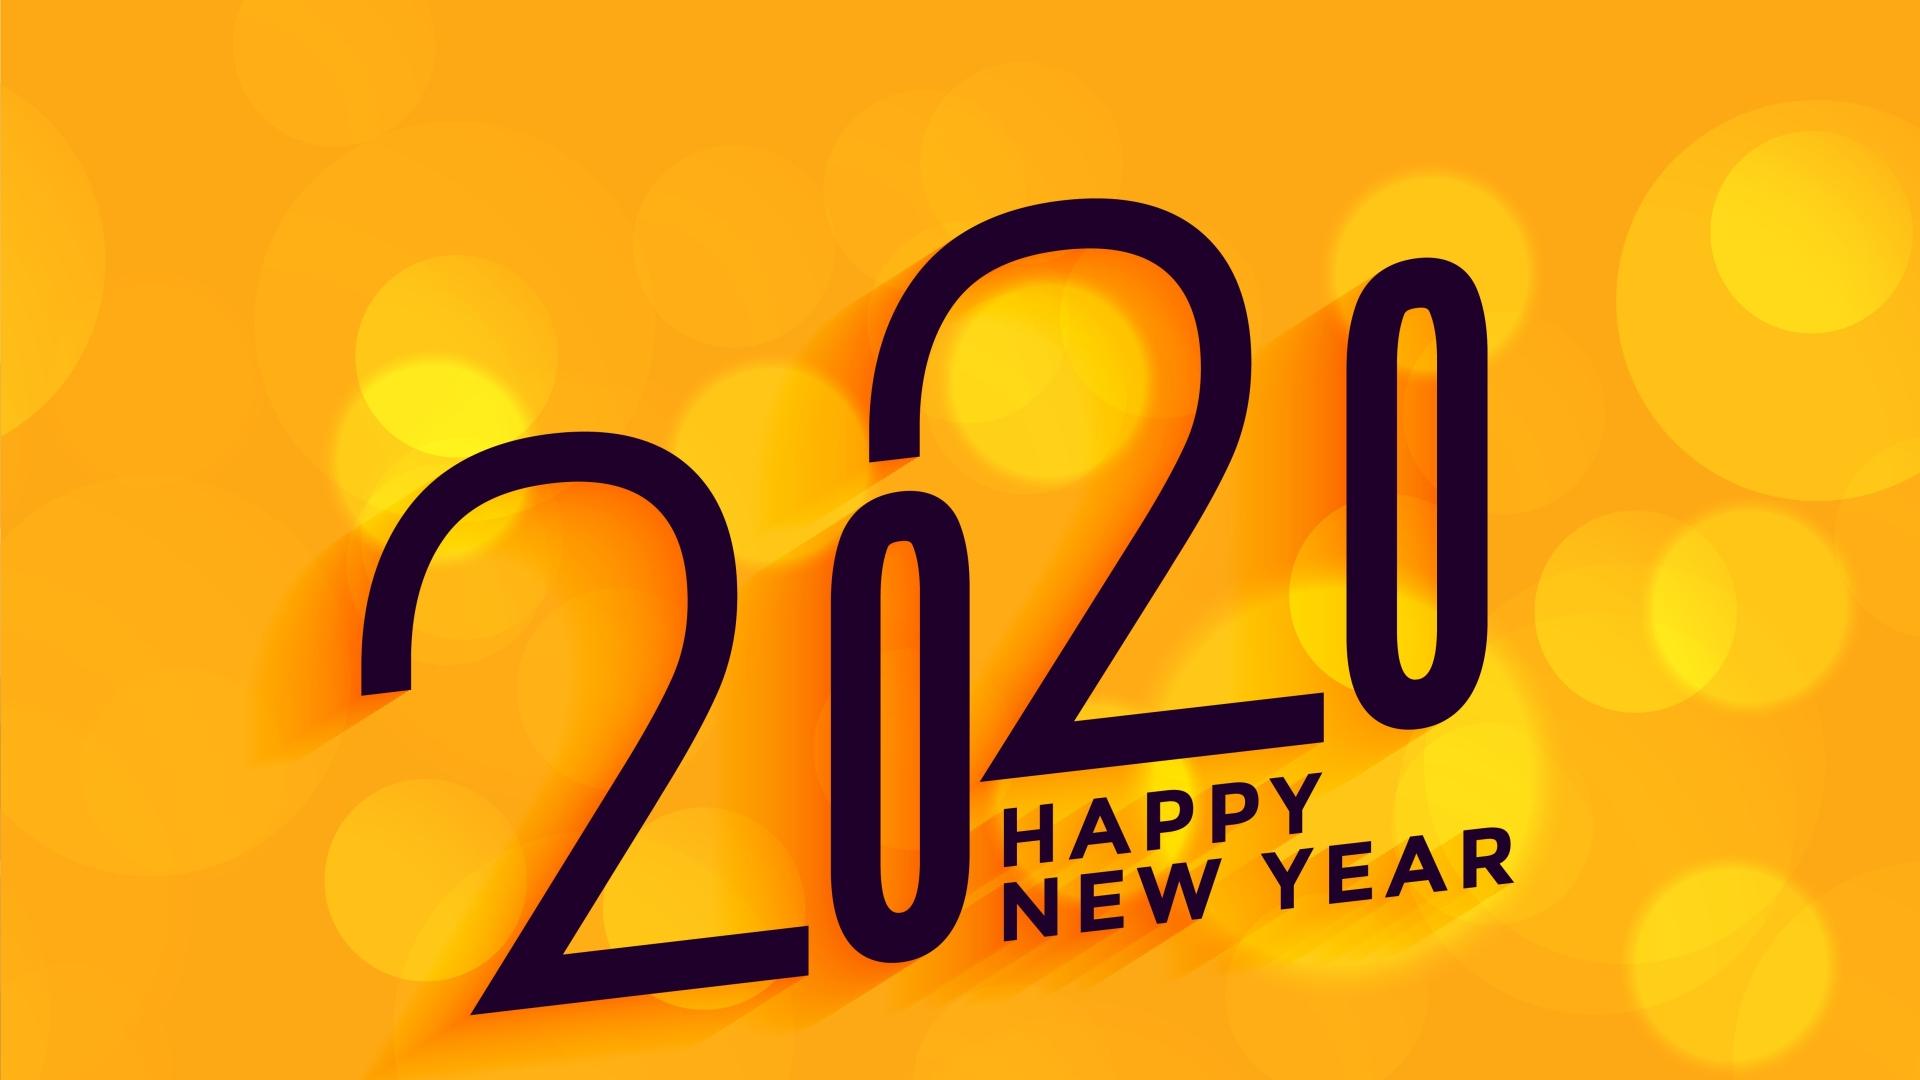 1920x1080 2020 New Year 1080P Laptop Full HD Wallpaper HD 1920x1080